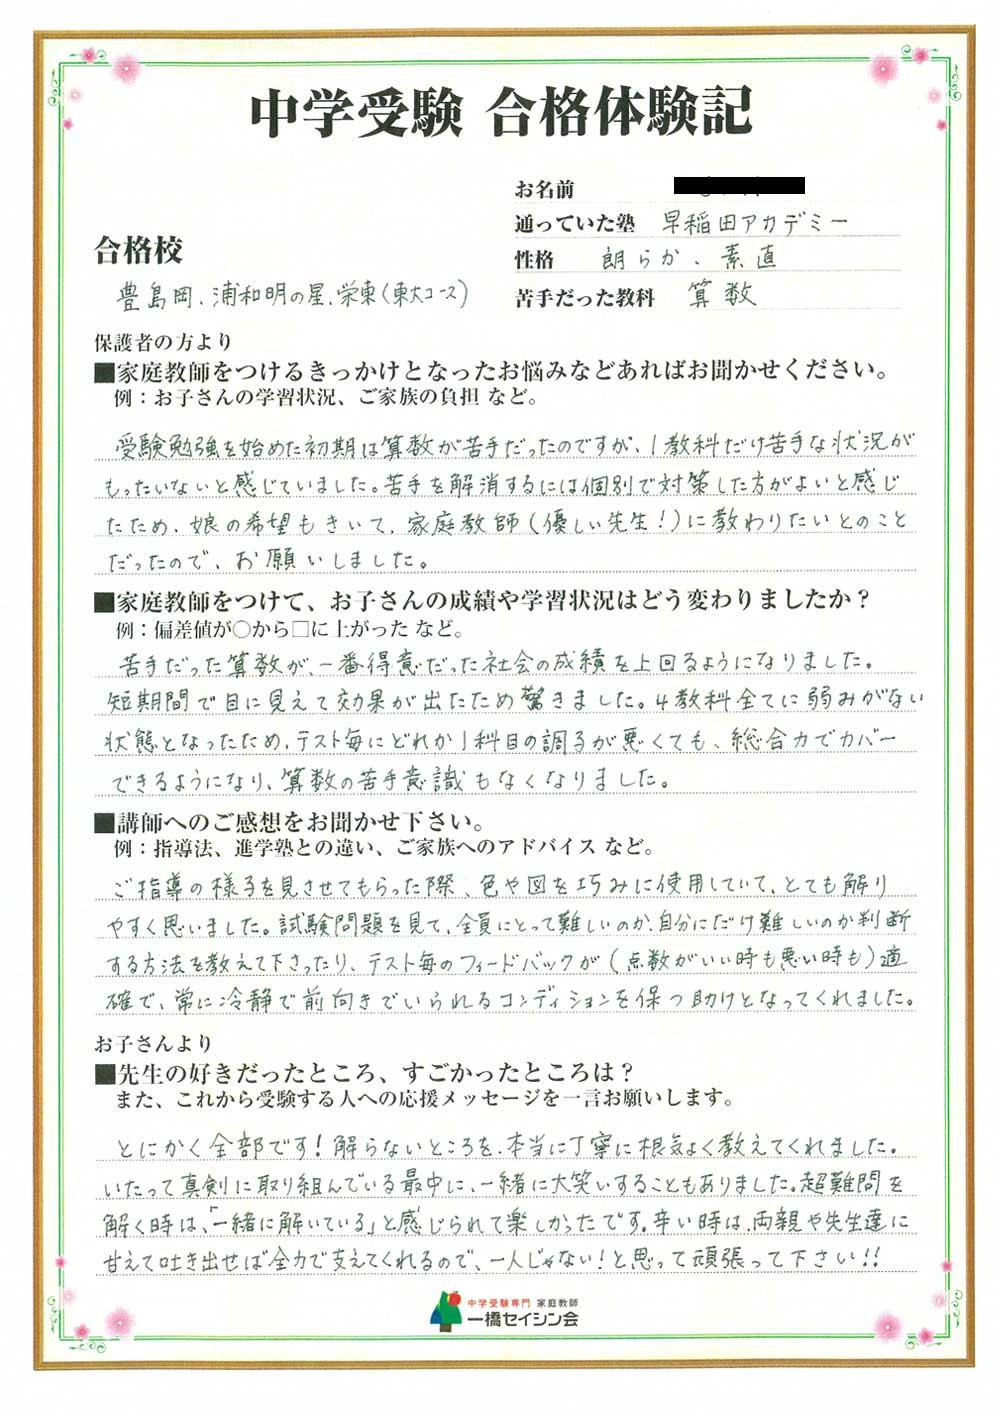 早稲田 アカデミー クラス 落ち